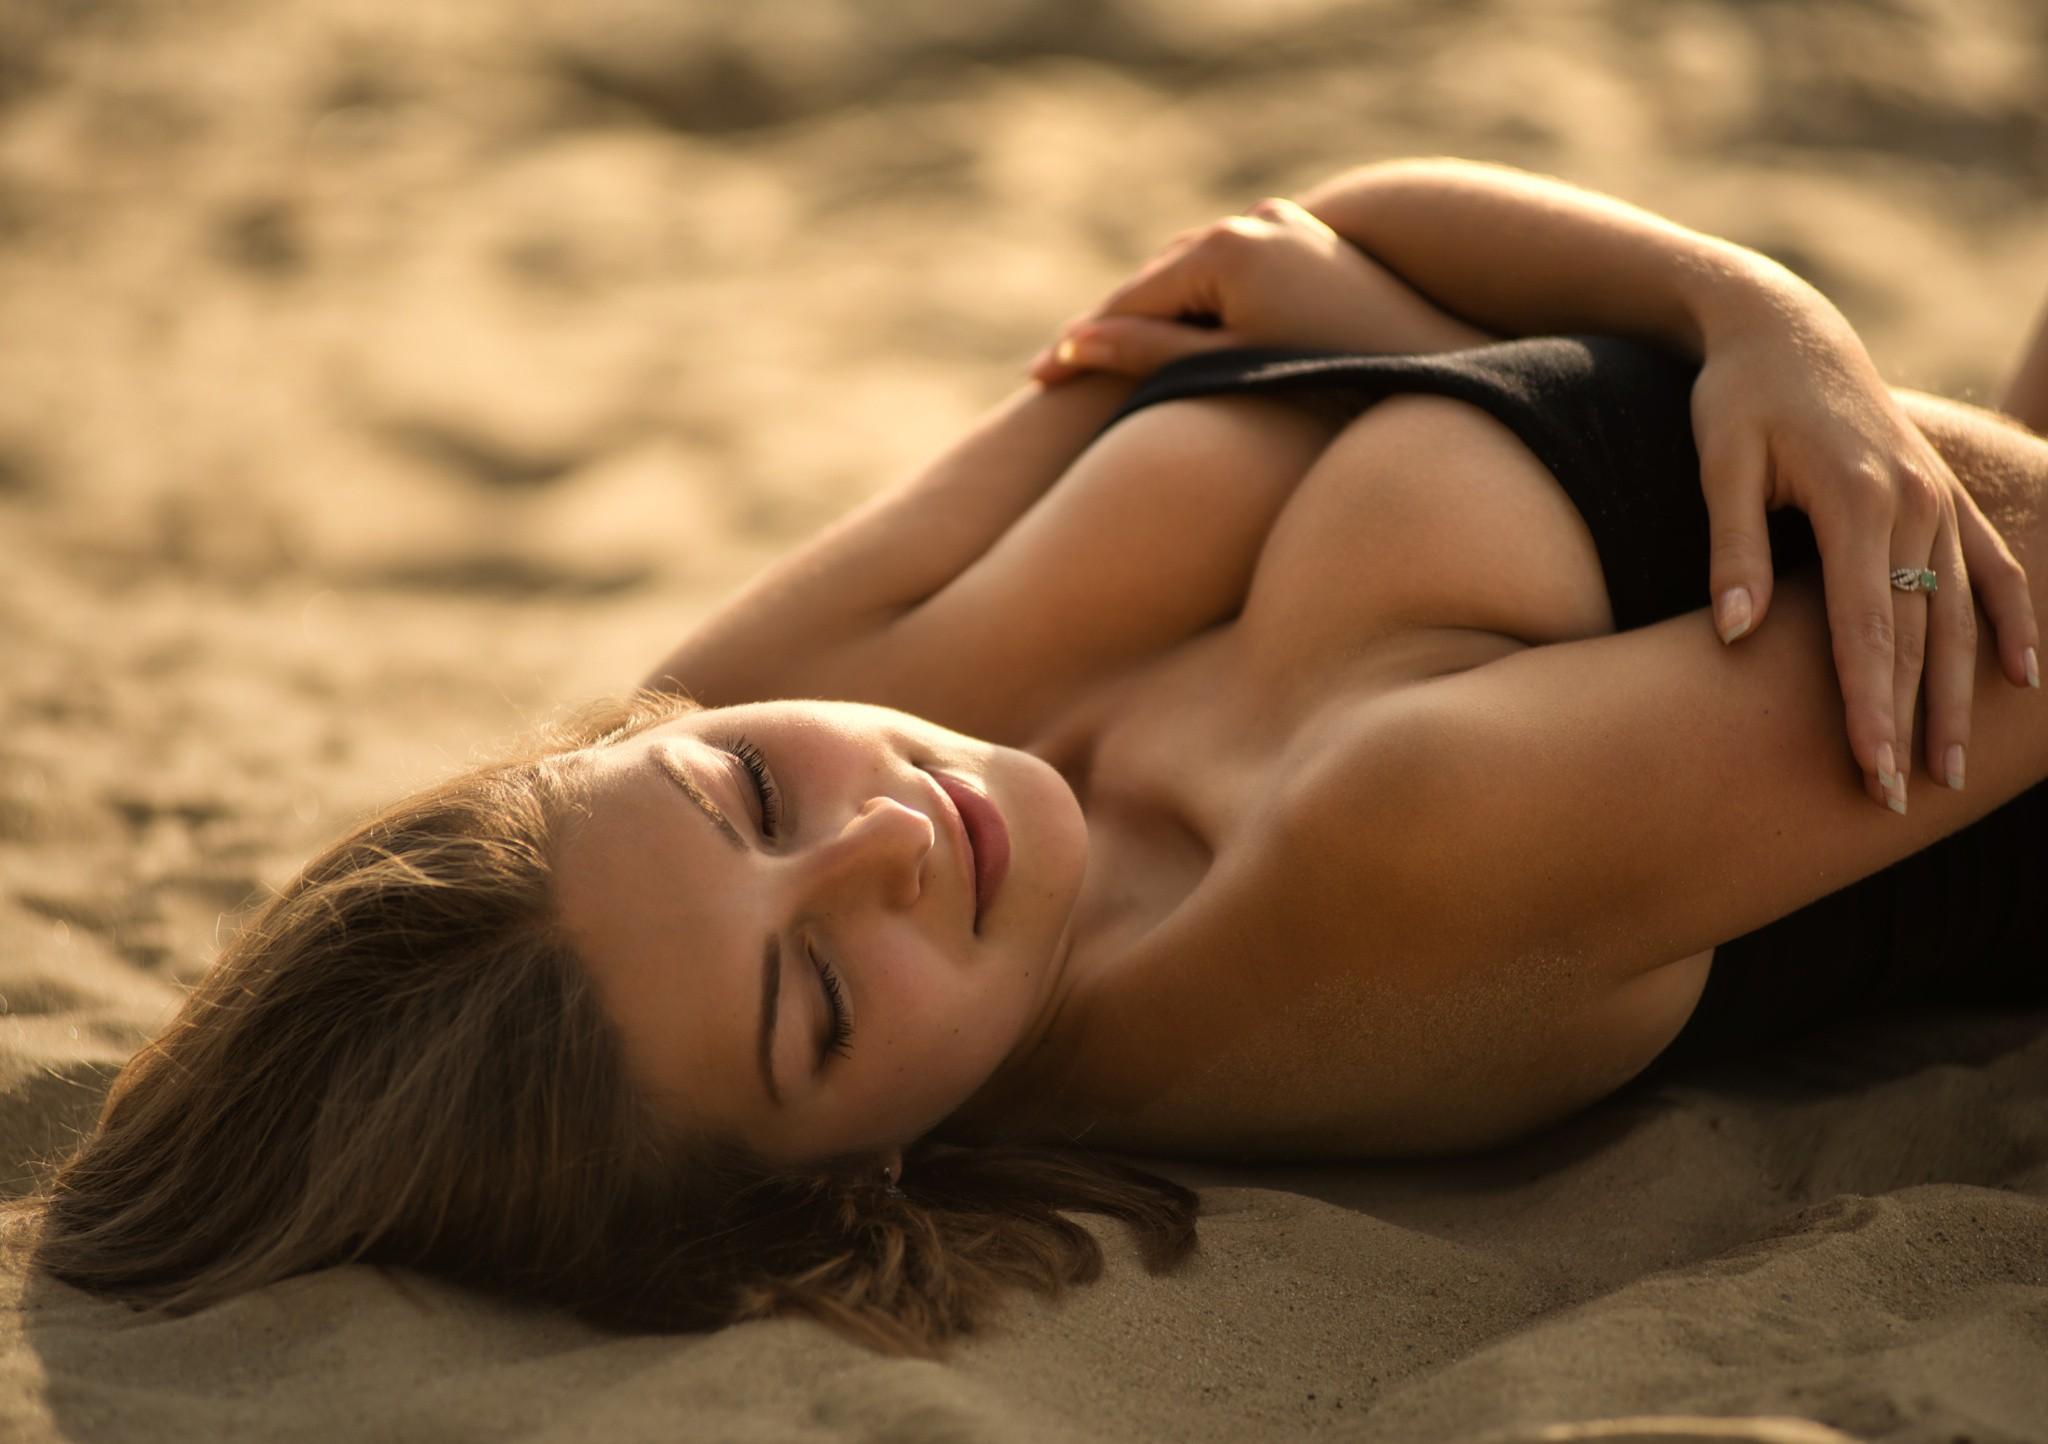 γυμνή παραλία μοντέλα